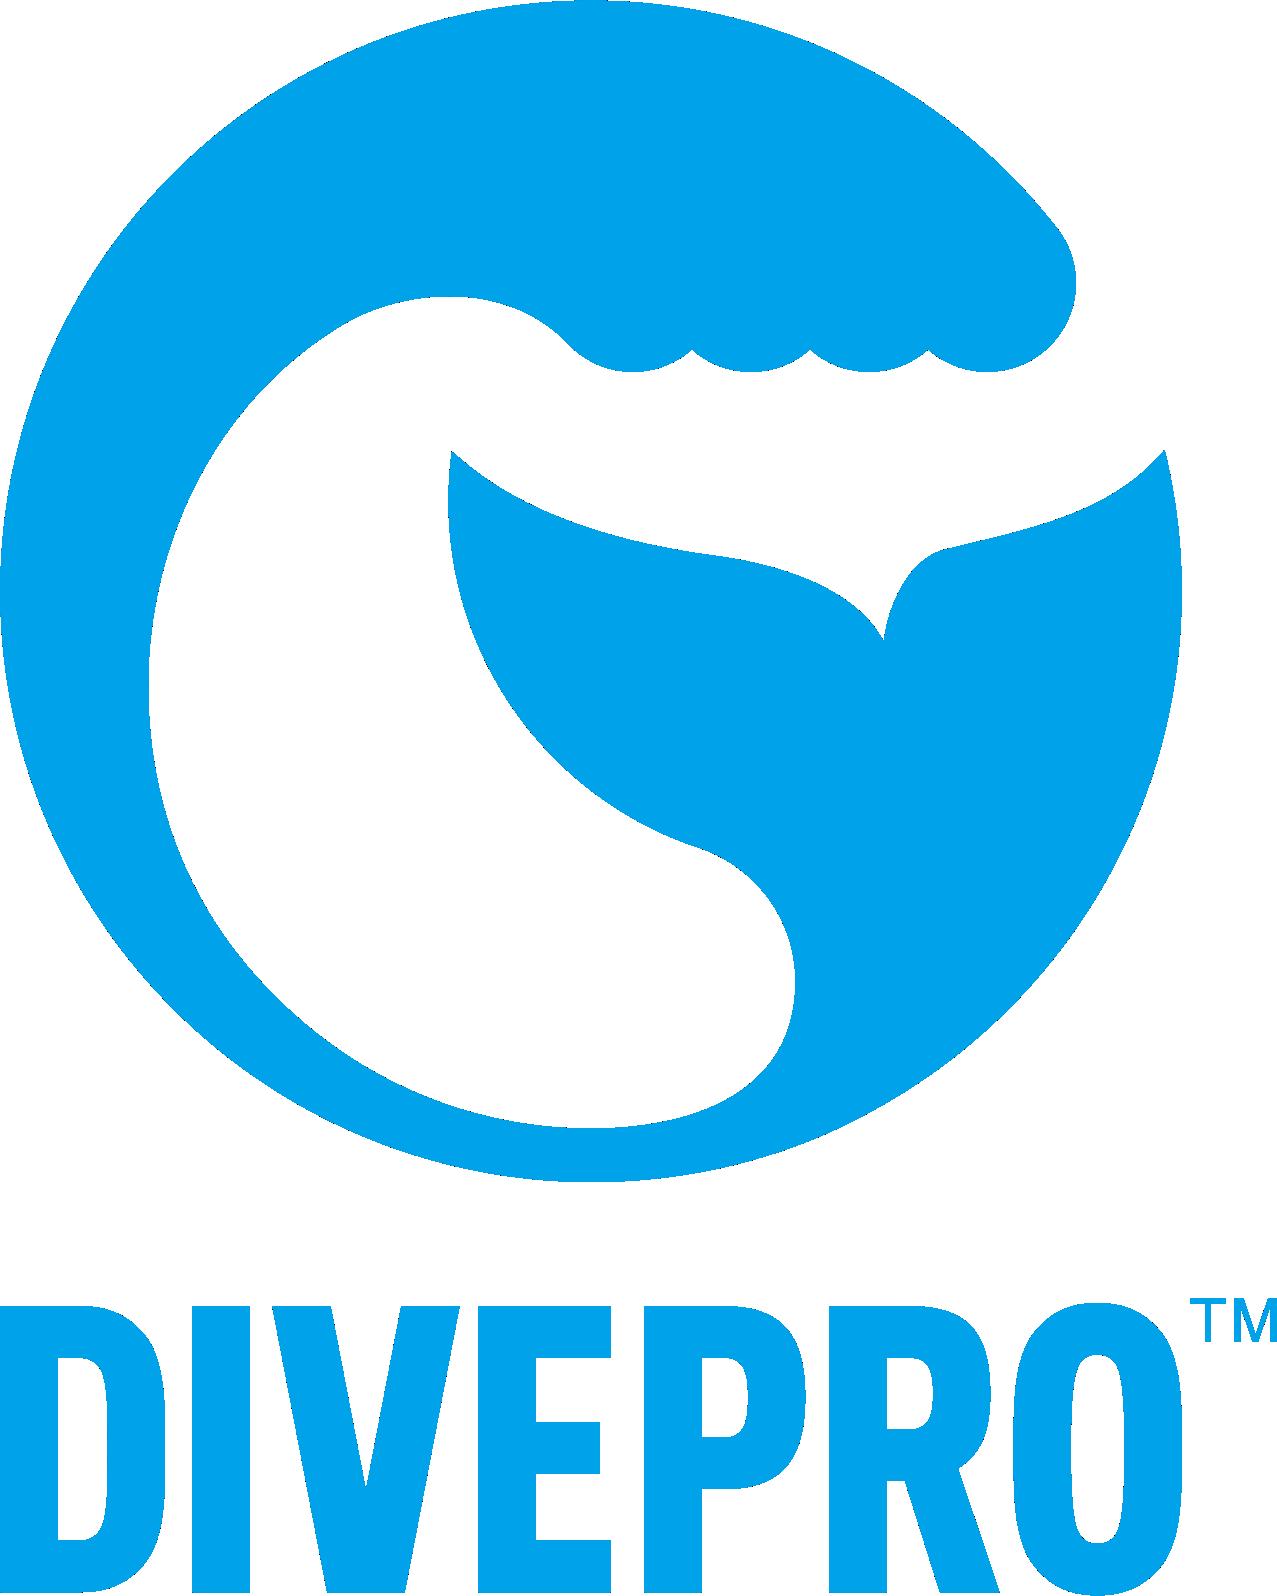 DIVEPRO